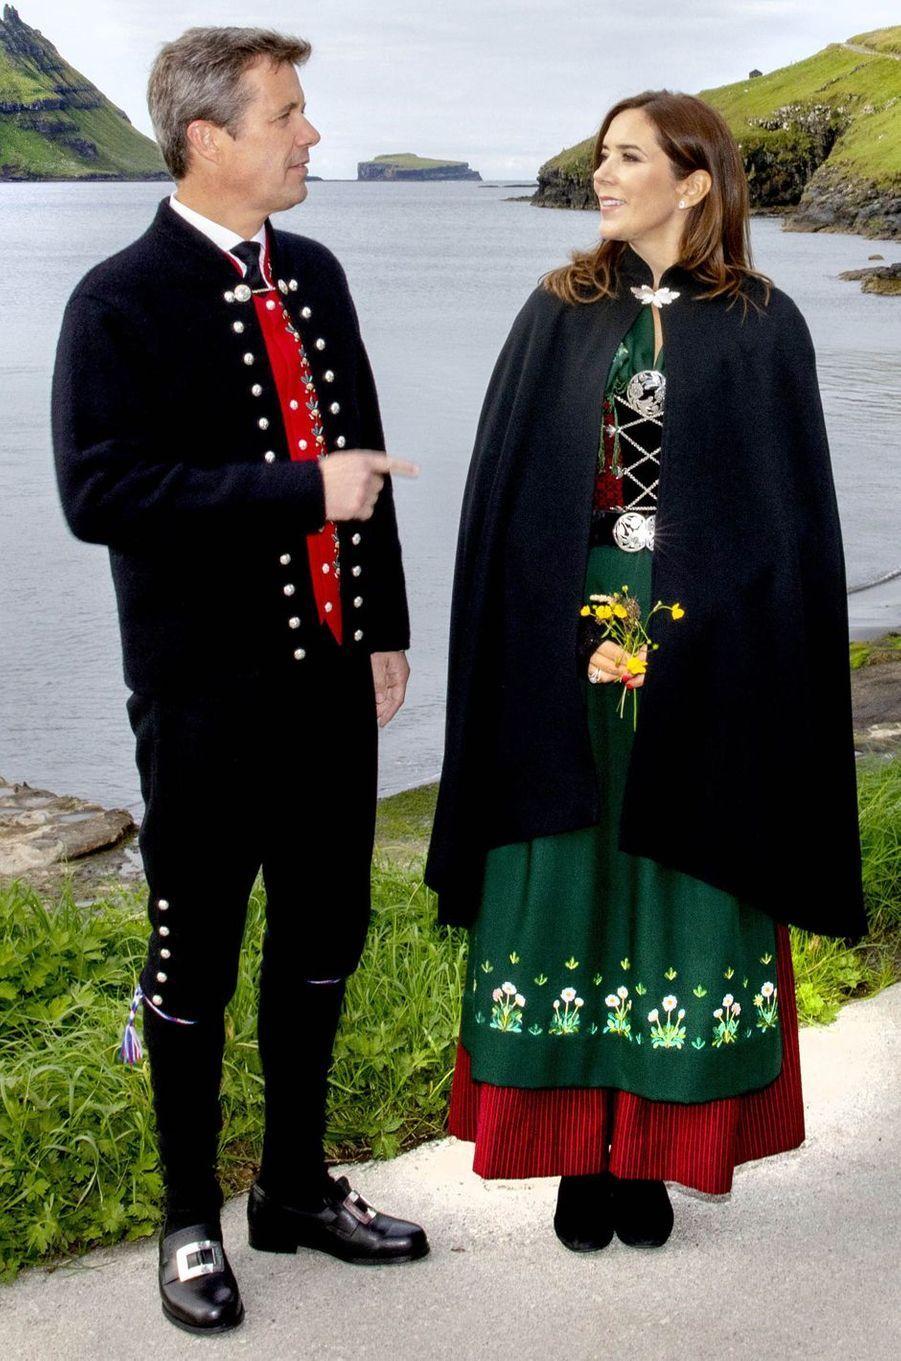 Le costume de la princesse Mary de Danemark aux îles Féroé, le 26 août 2018